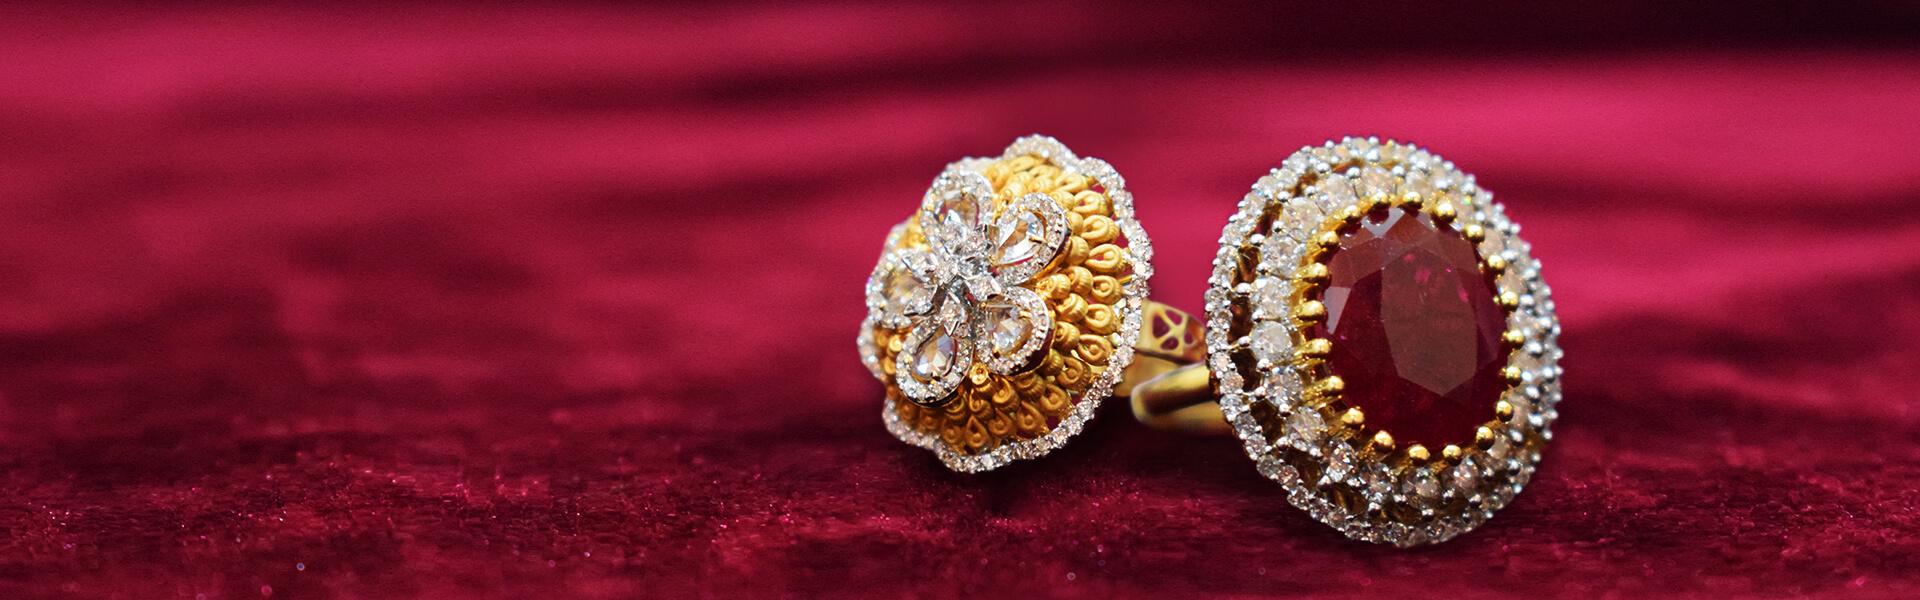 Gold and diamond Ring ddamas